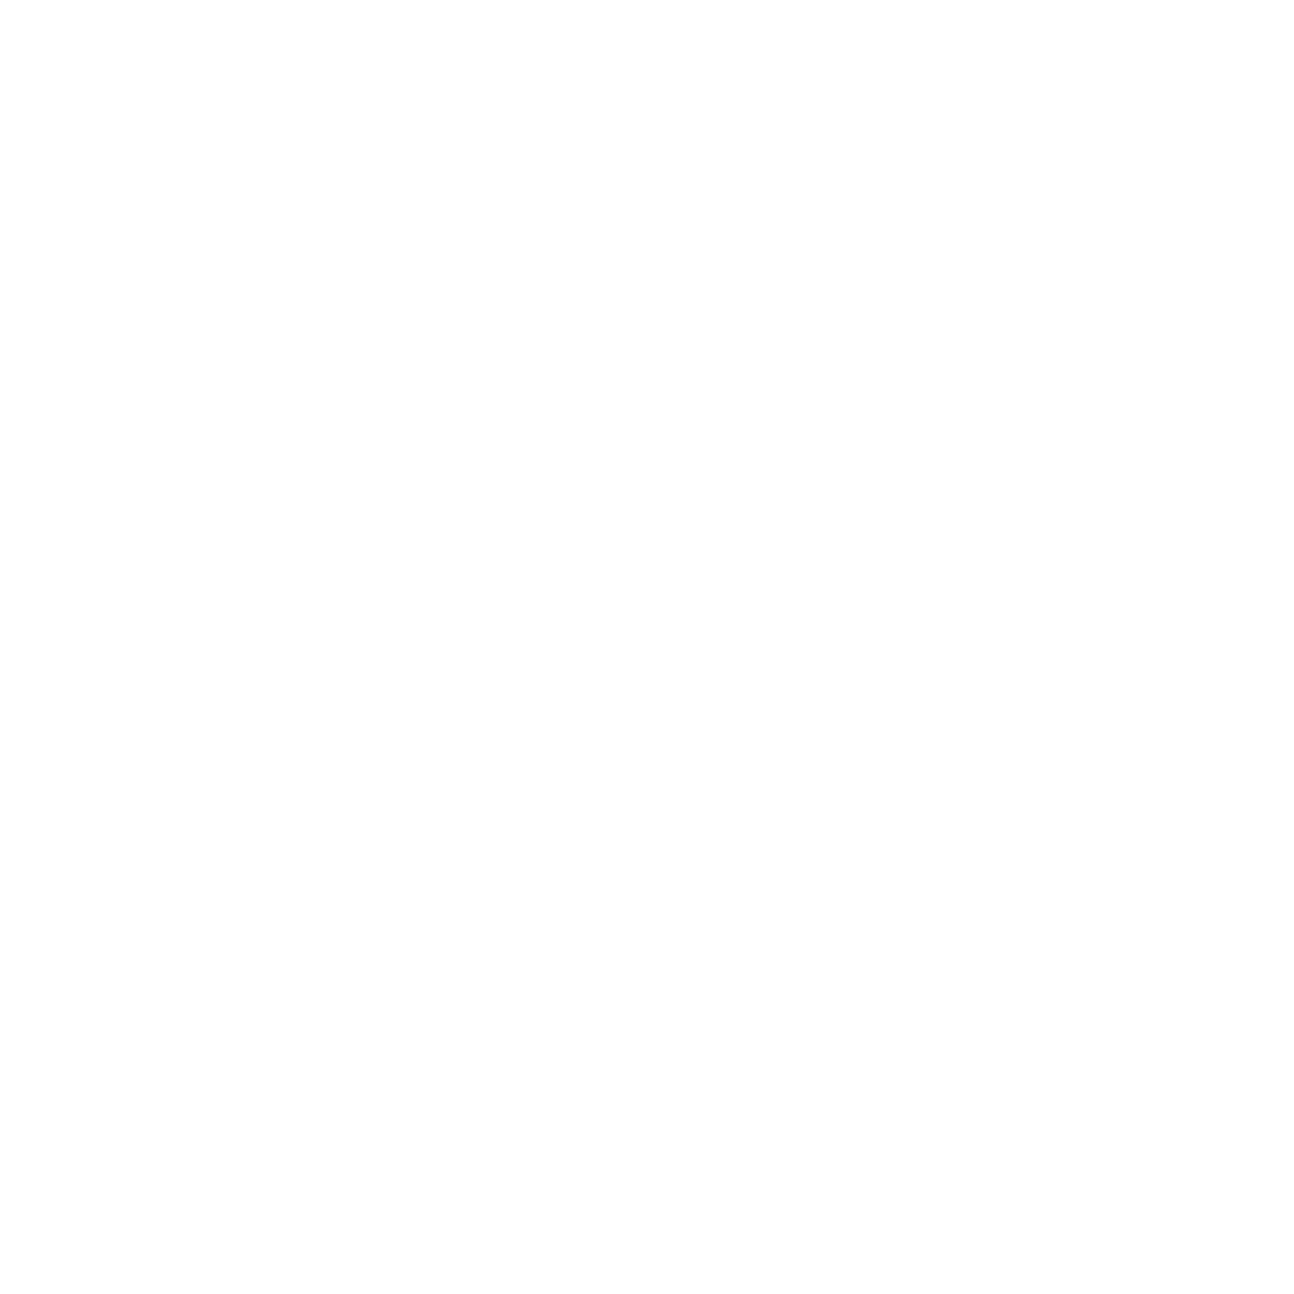 Van huis tot thuis | Studio MenK